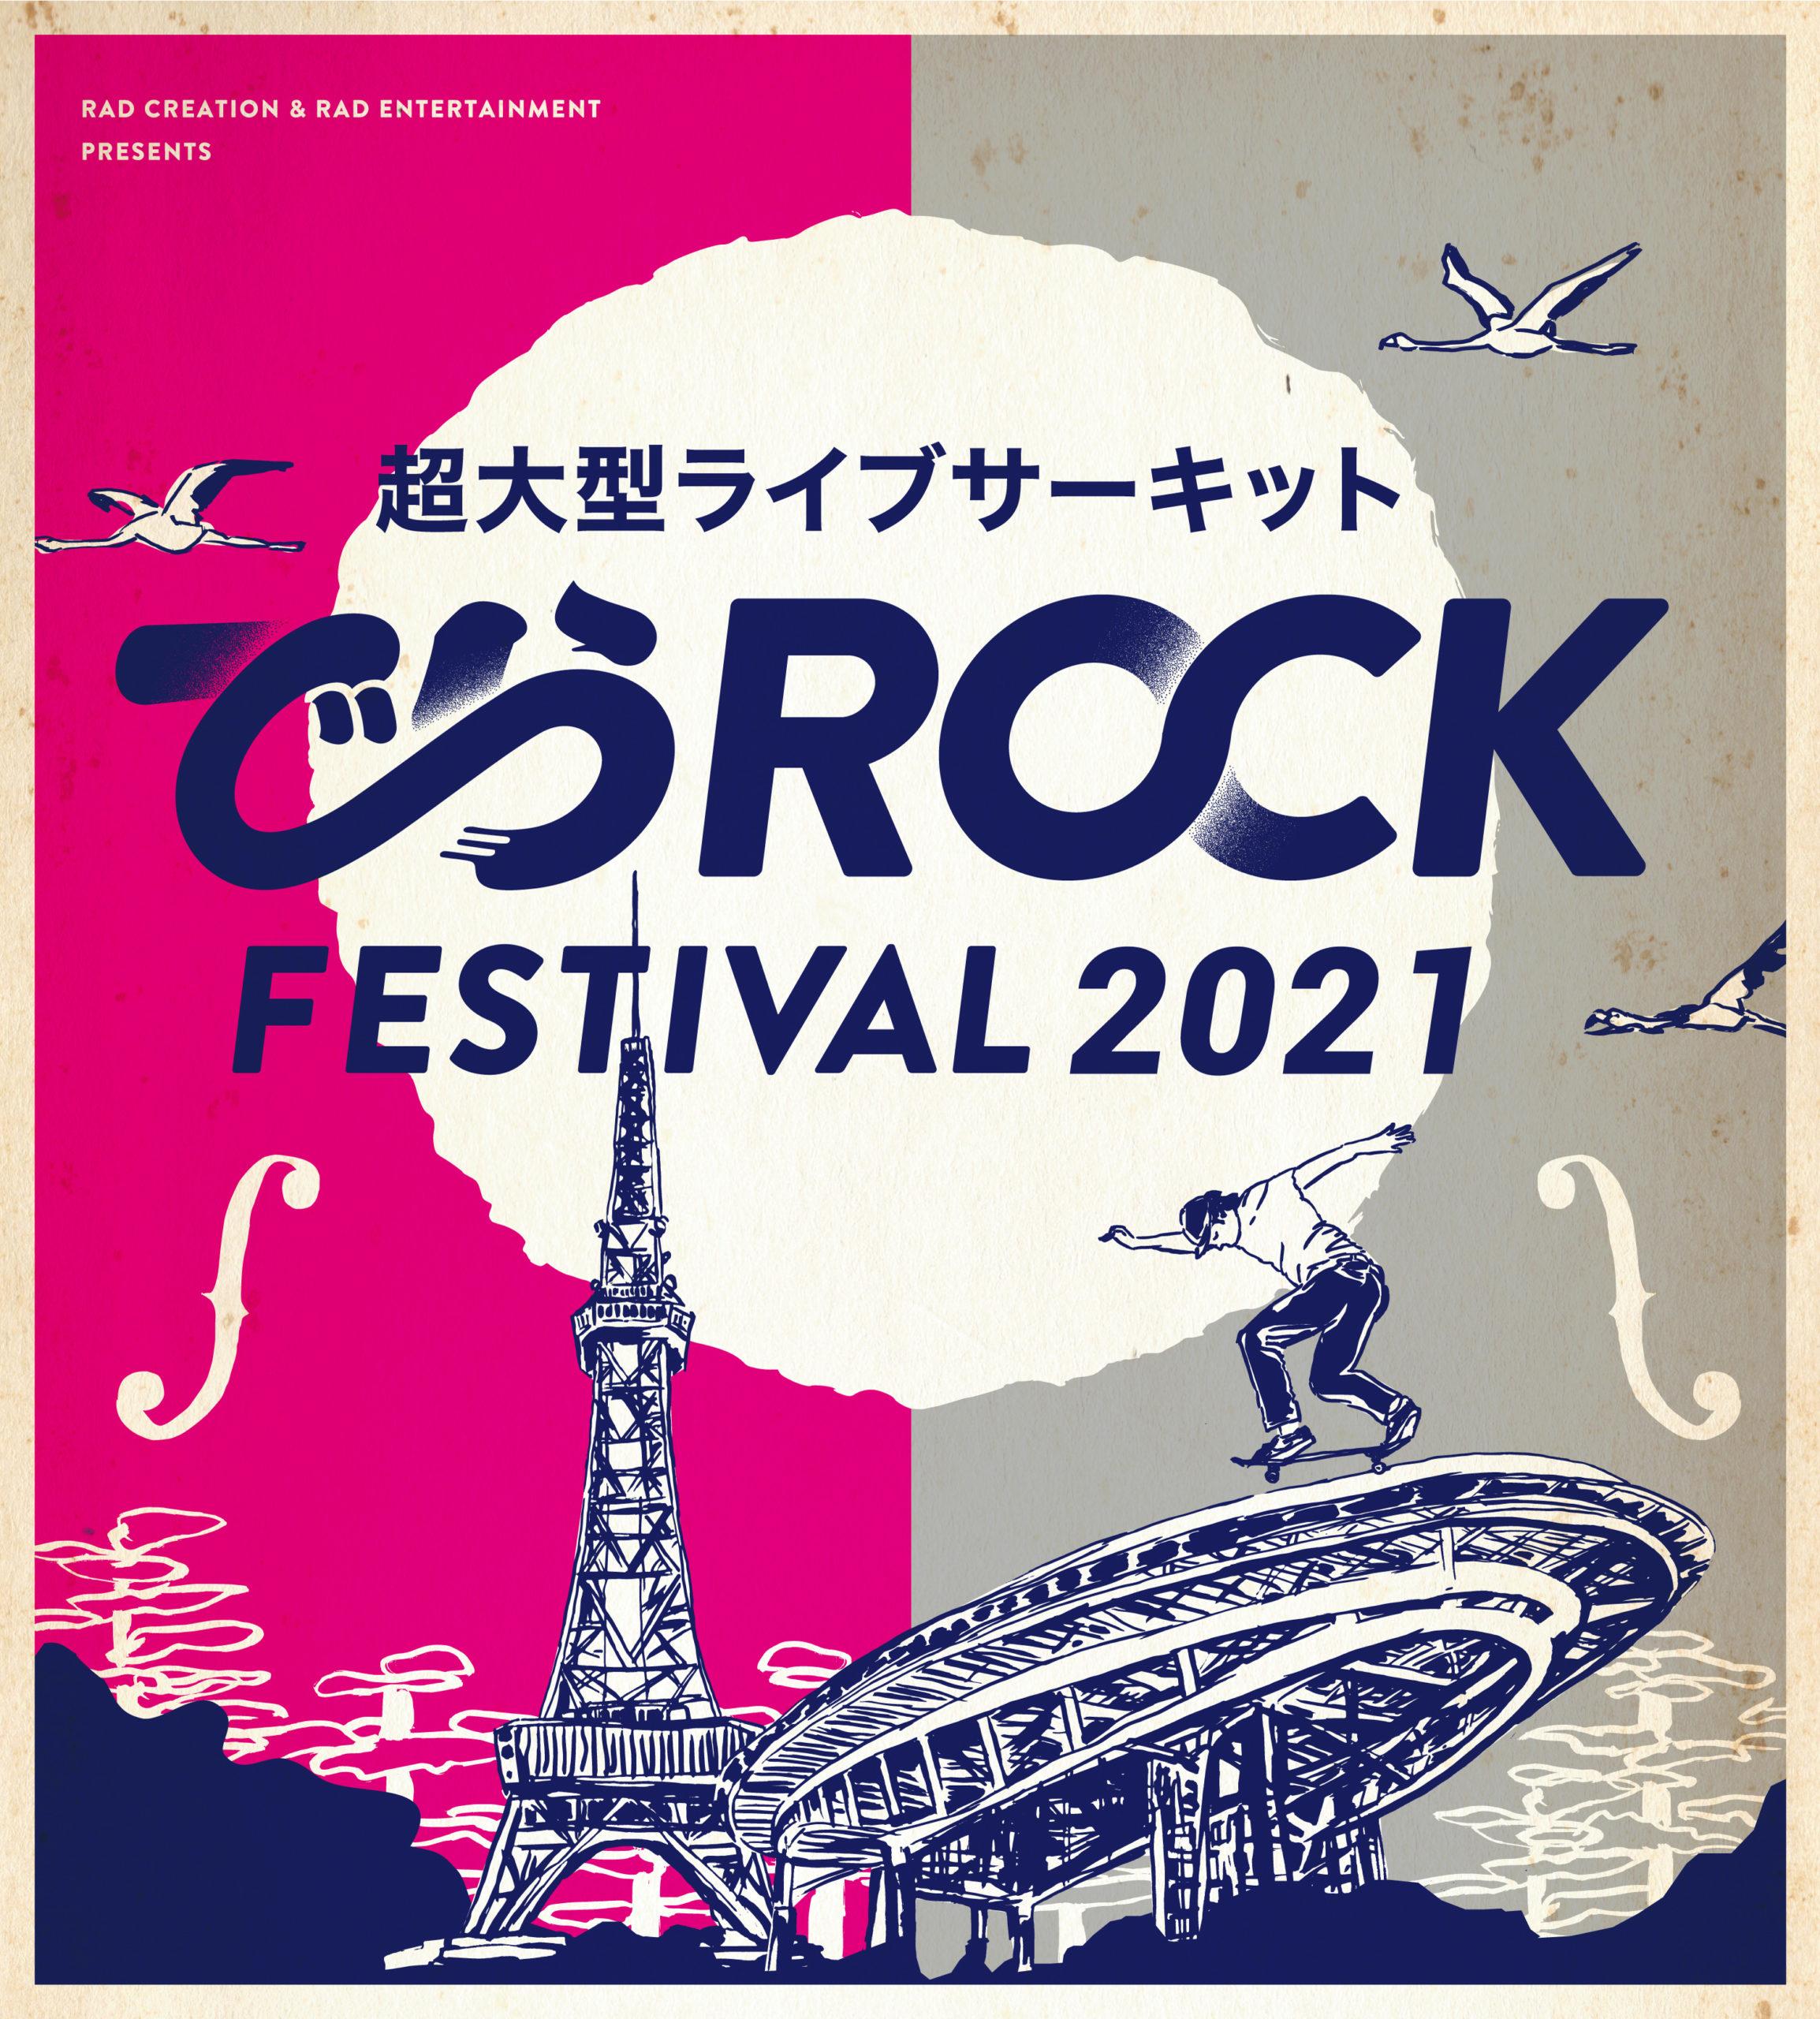 でらROCK FESTIVAL 2021